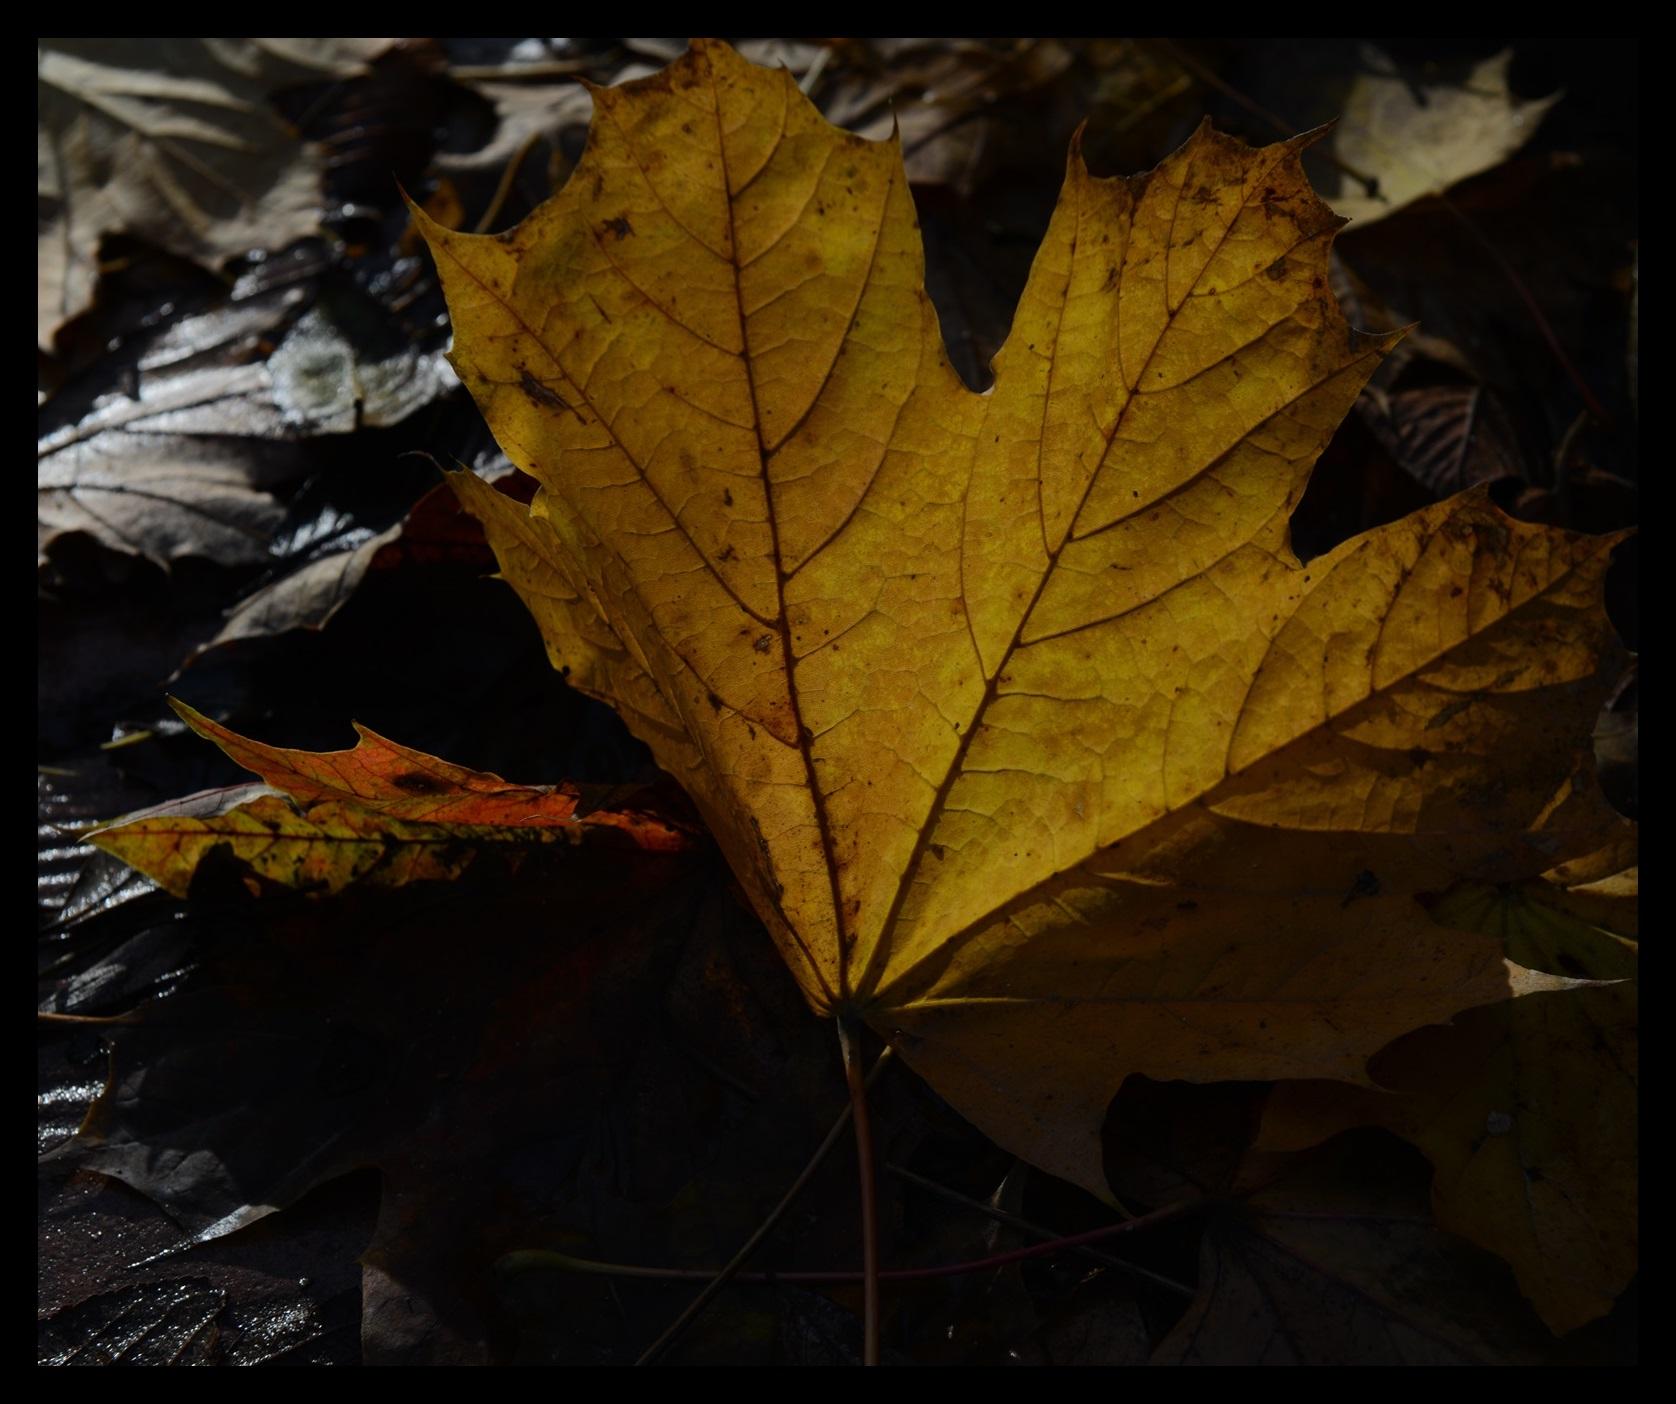 Sonbahar Yağmurları tablosunda kompozisyon